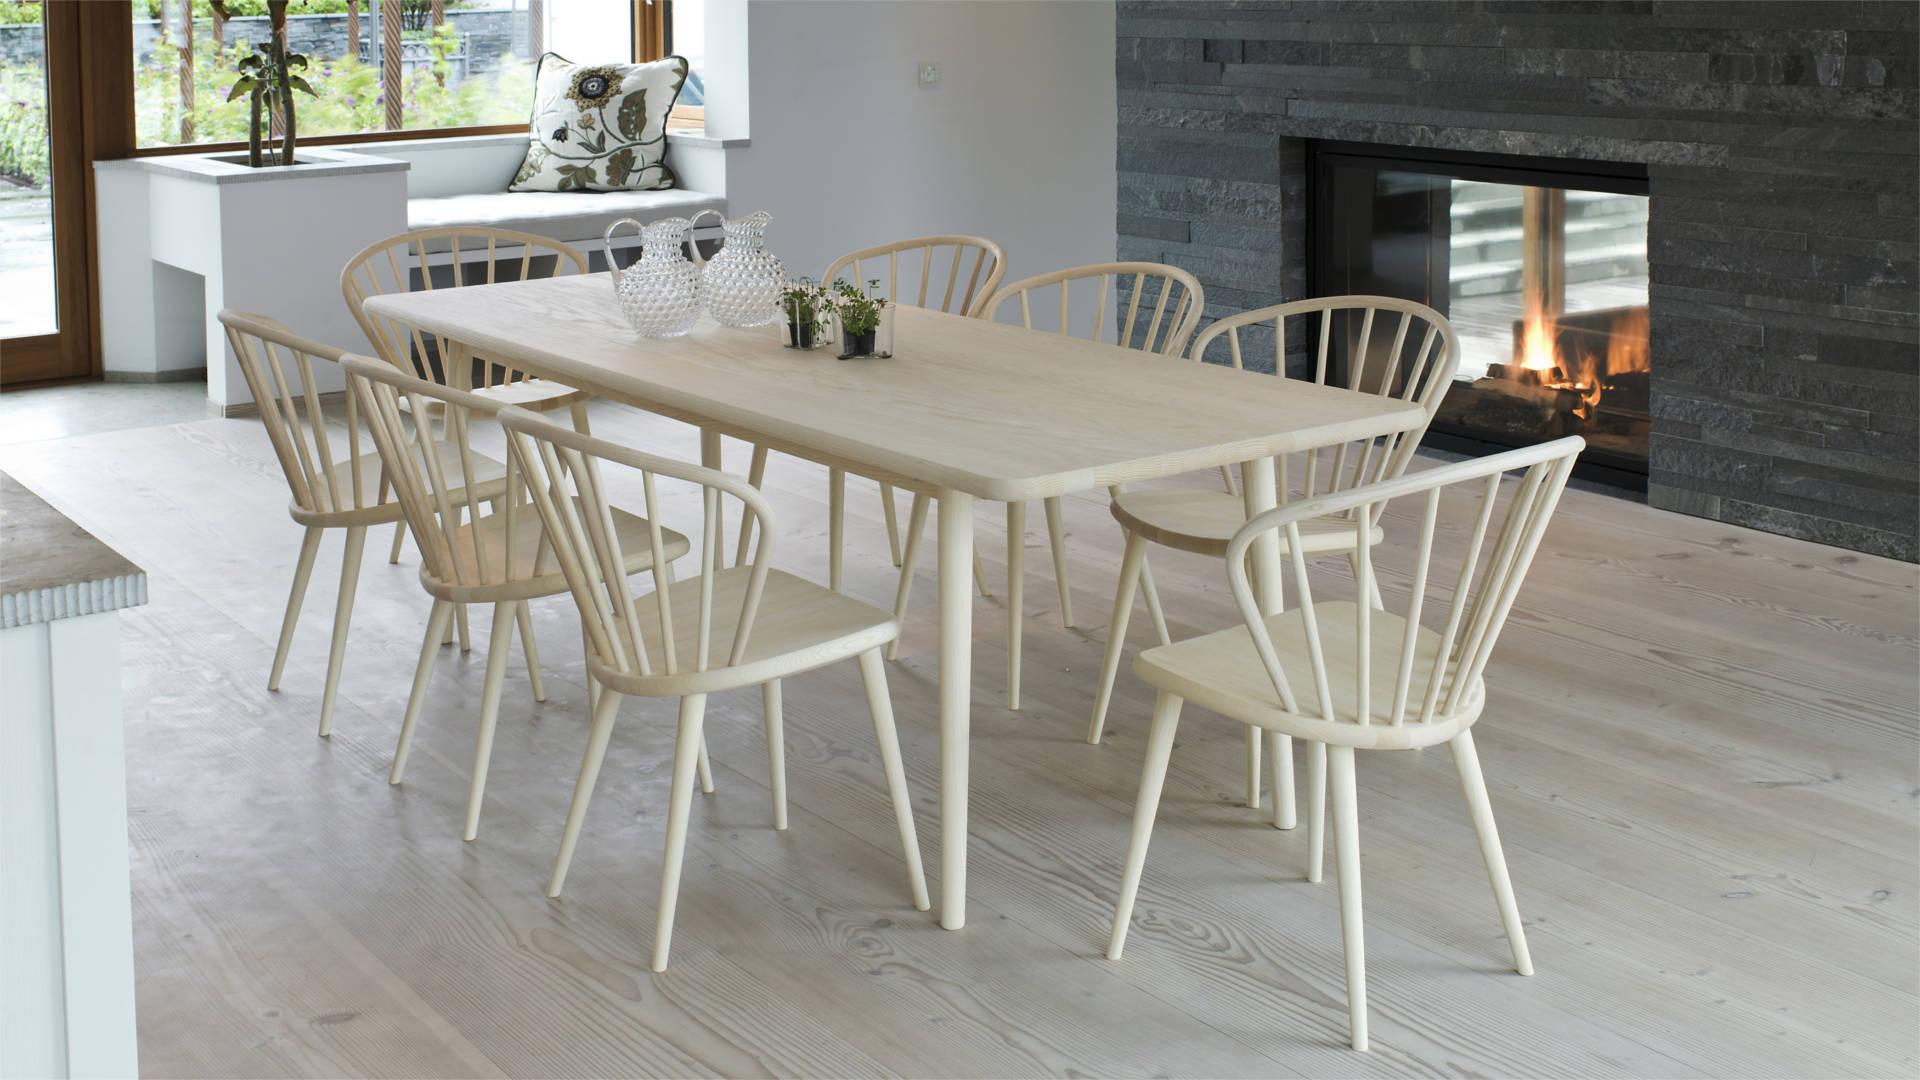 Stolab Vackra designmöbler i massiv Björk eller Ek | Ekerö